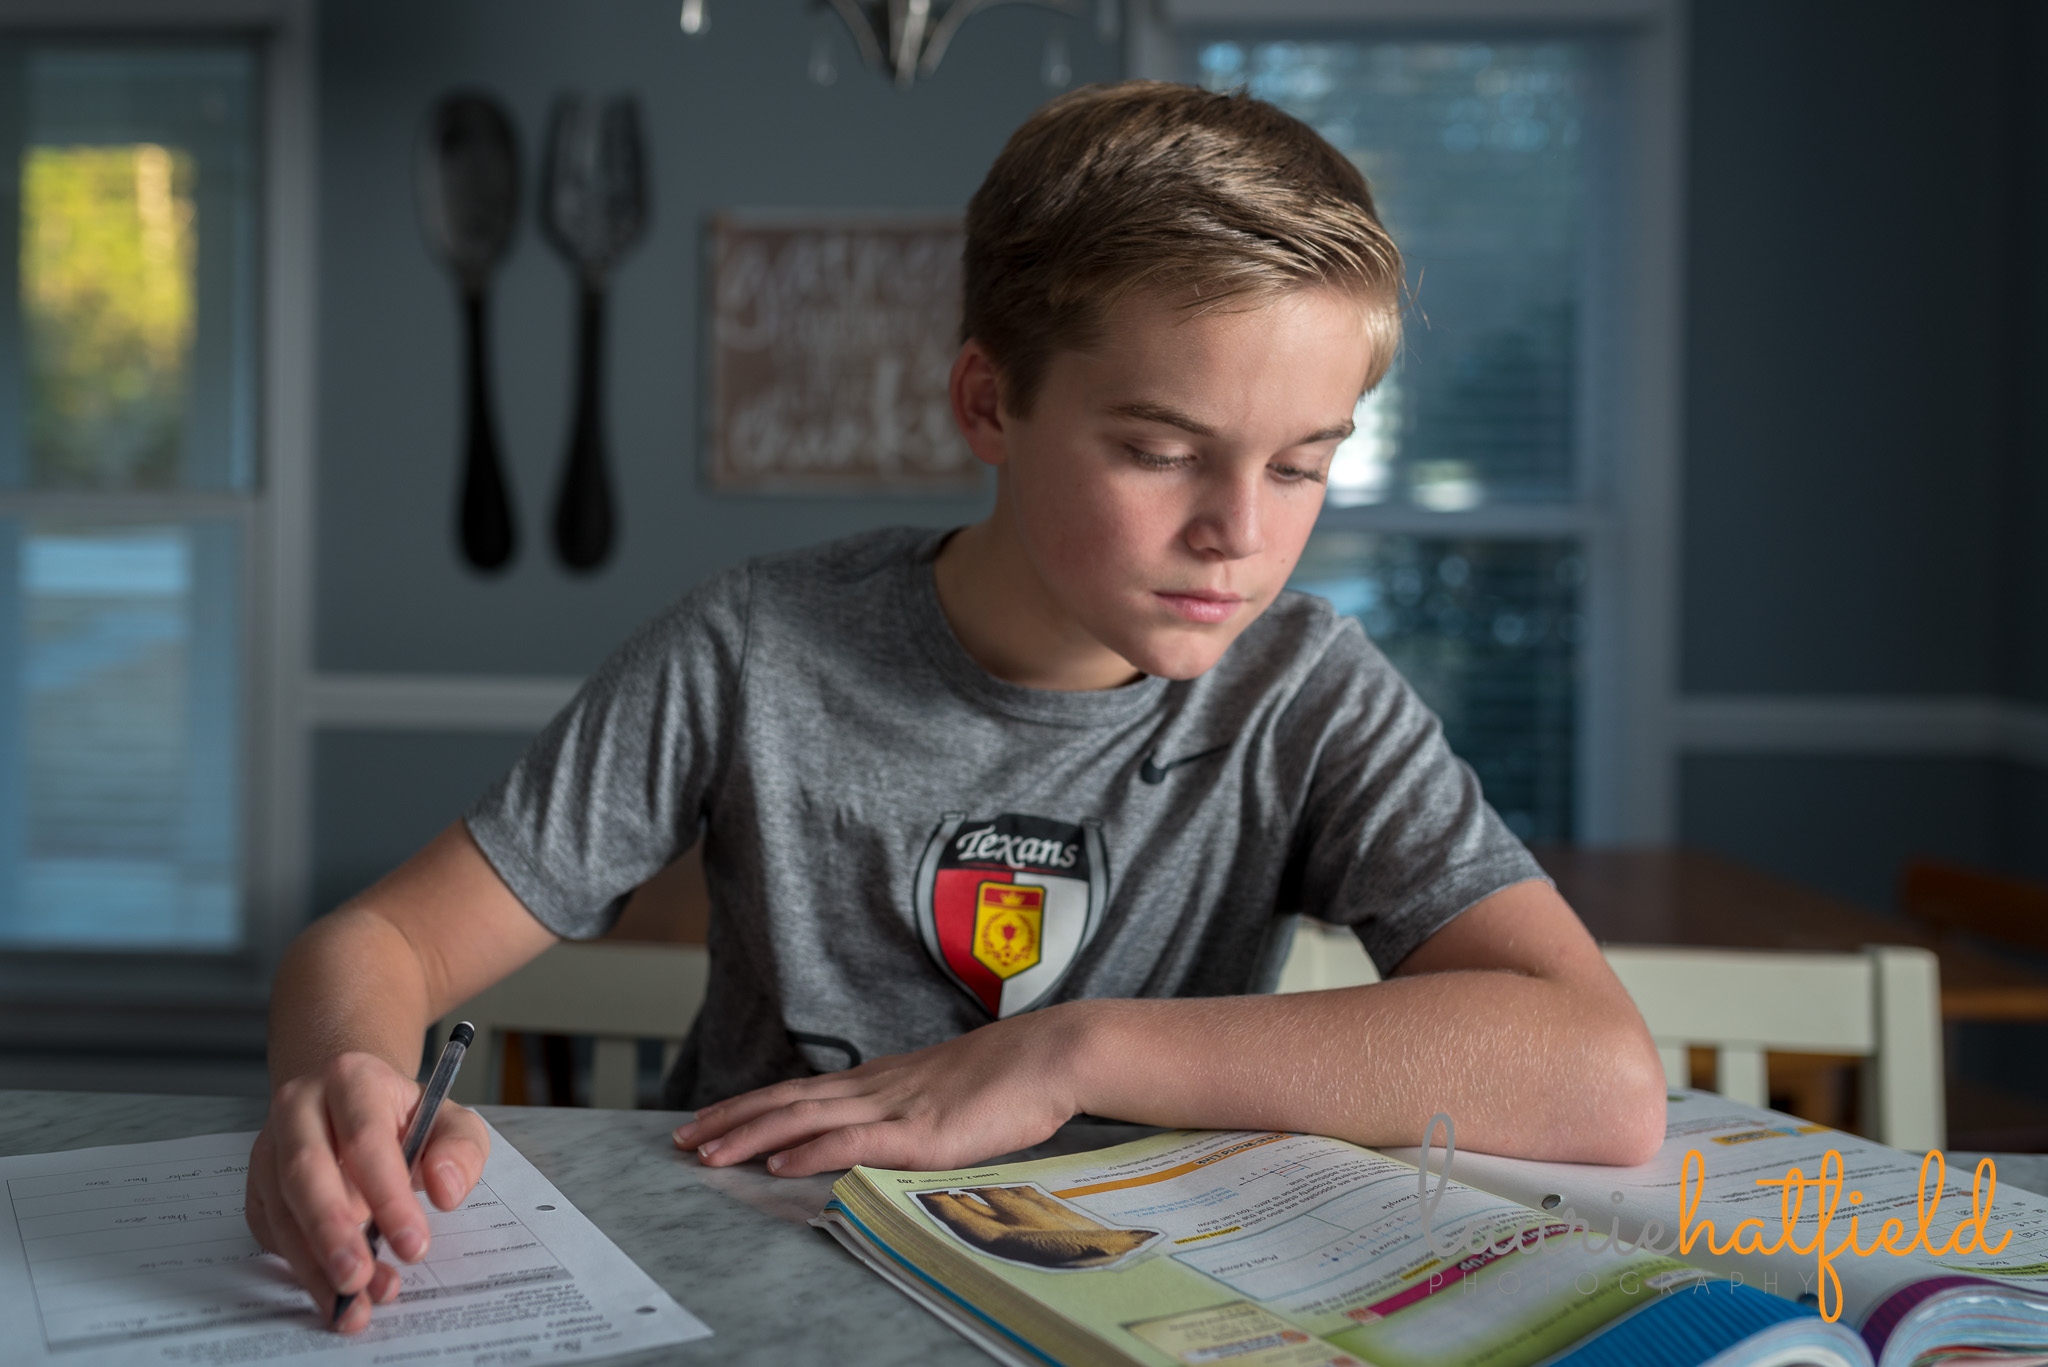 6th grade boy doing homework | Mobile AL family photographer